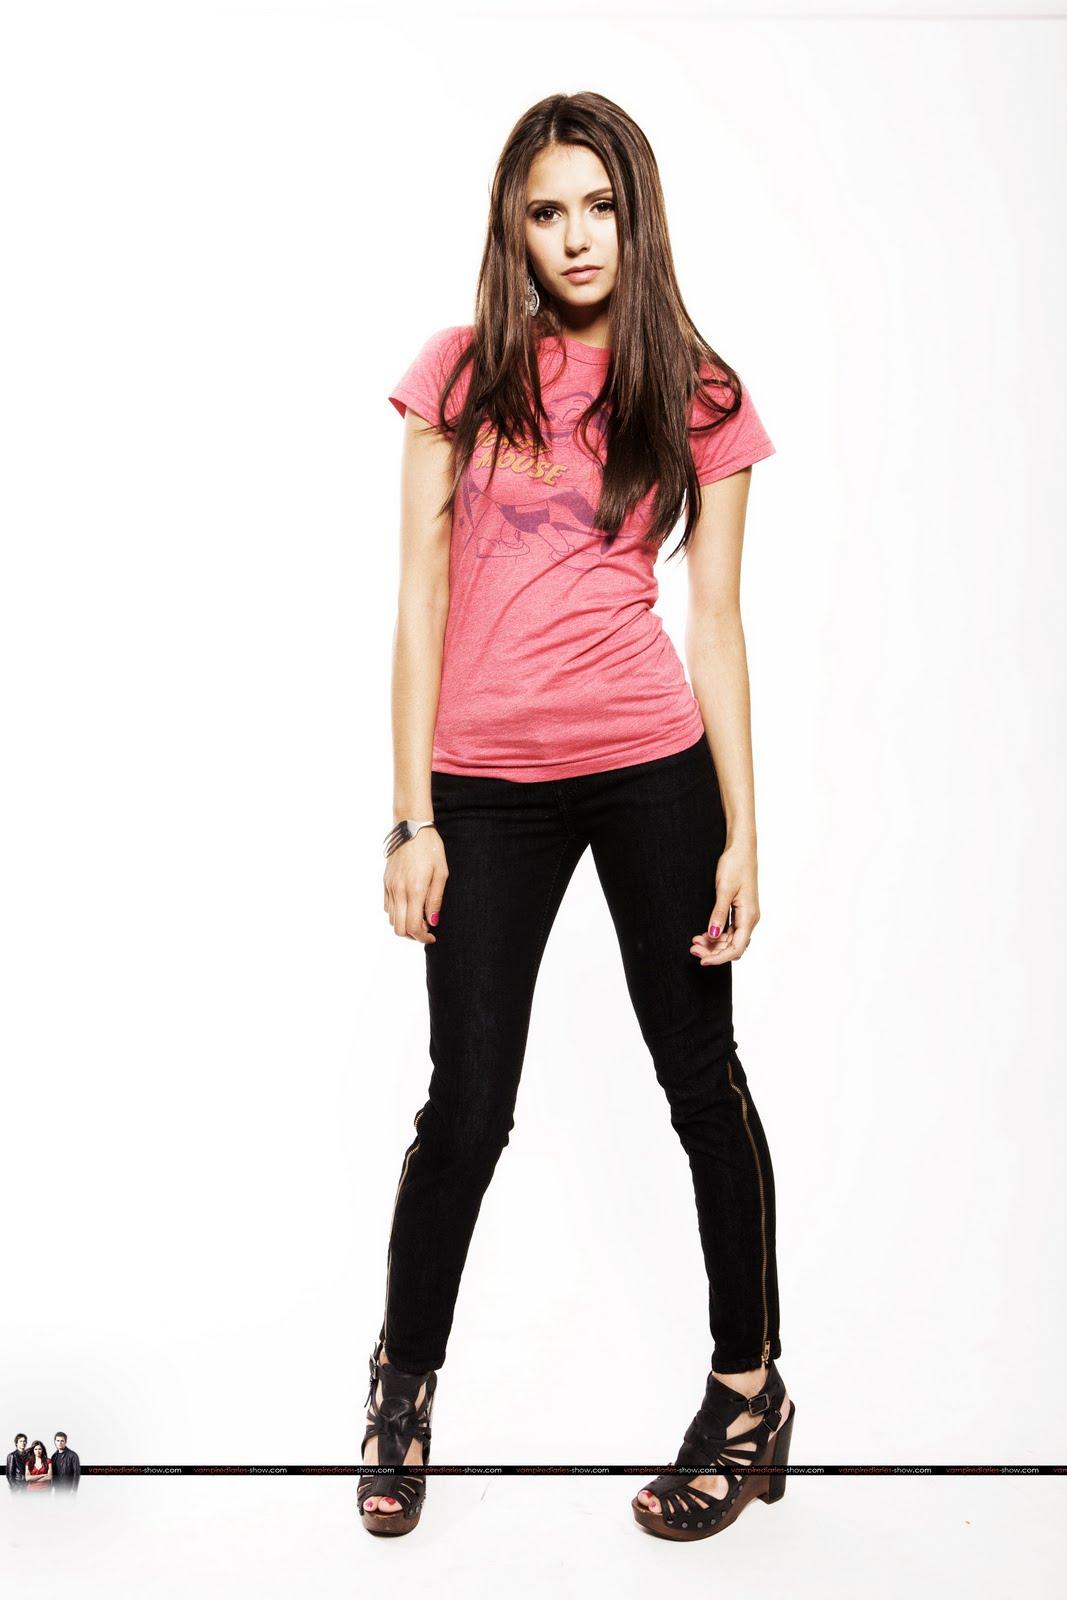 http://4.bp.blogspot.com/_KelrjUHRbXs/SwMcVy-TaCI/AAAAAAAAANM/jdzBy4dnr8o/s1600/celebrityheart.net+(2).jpg